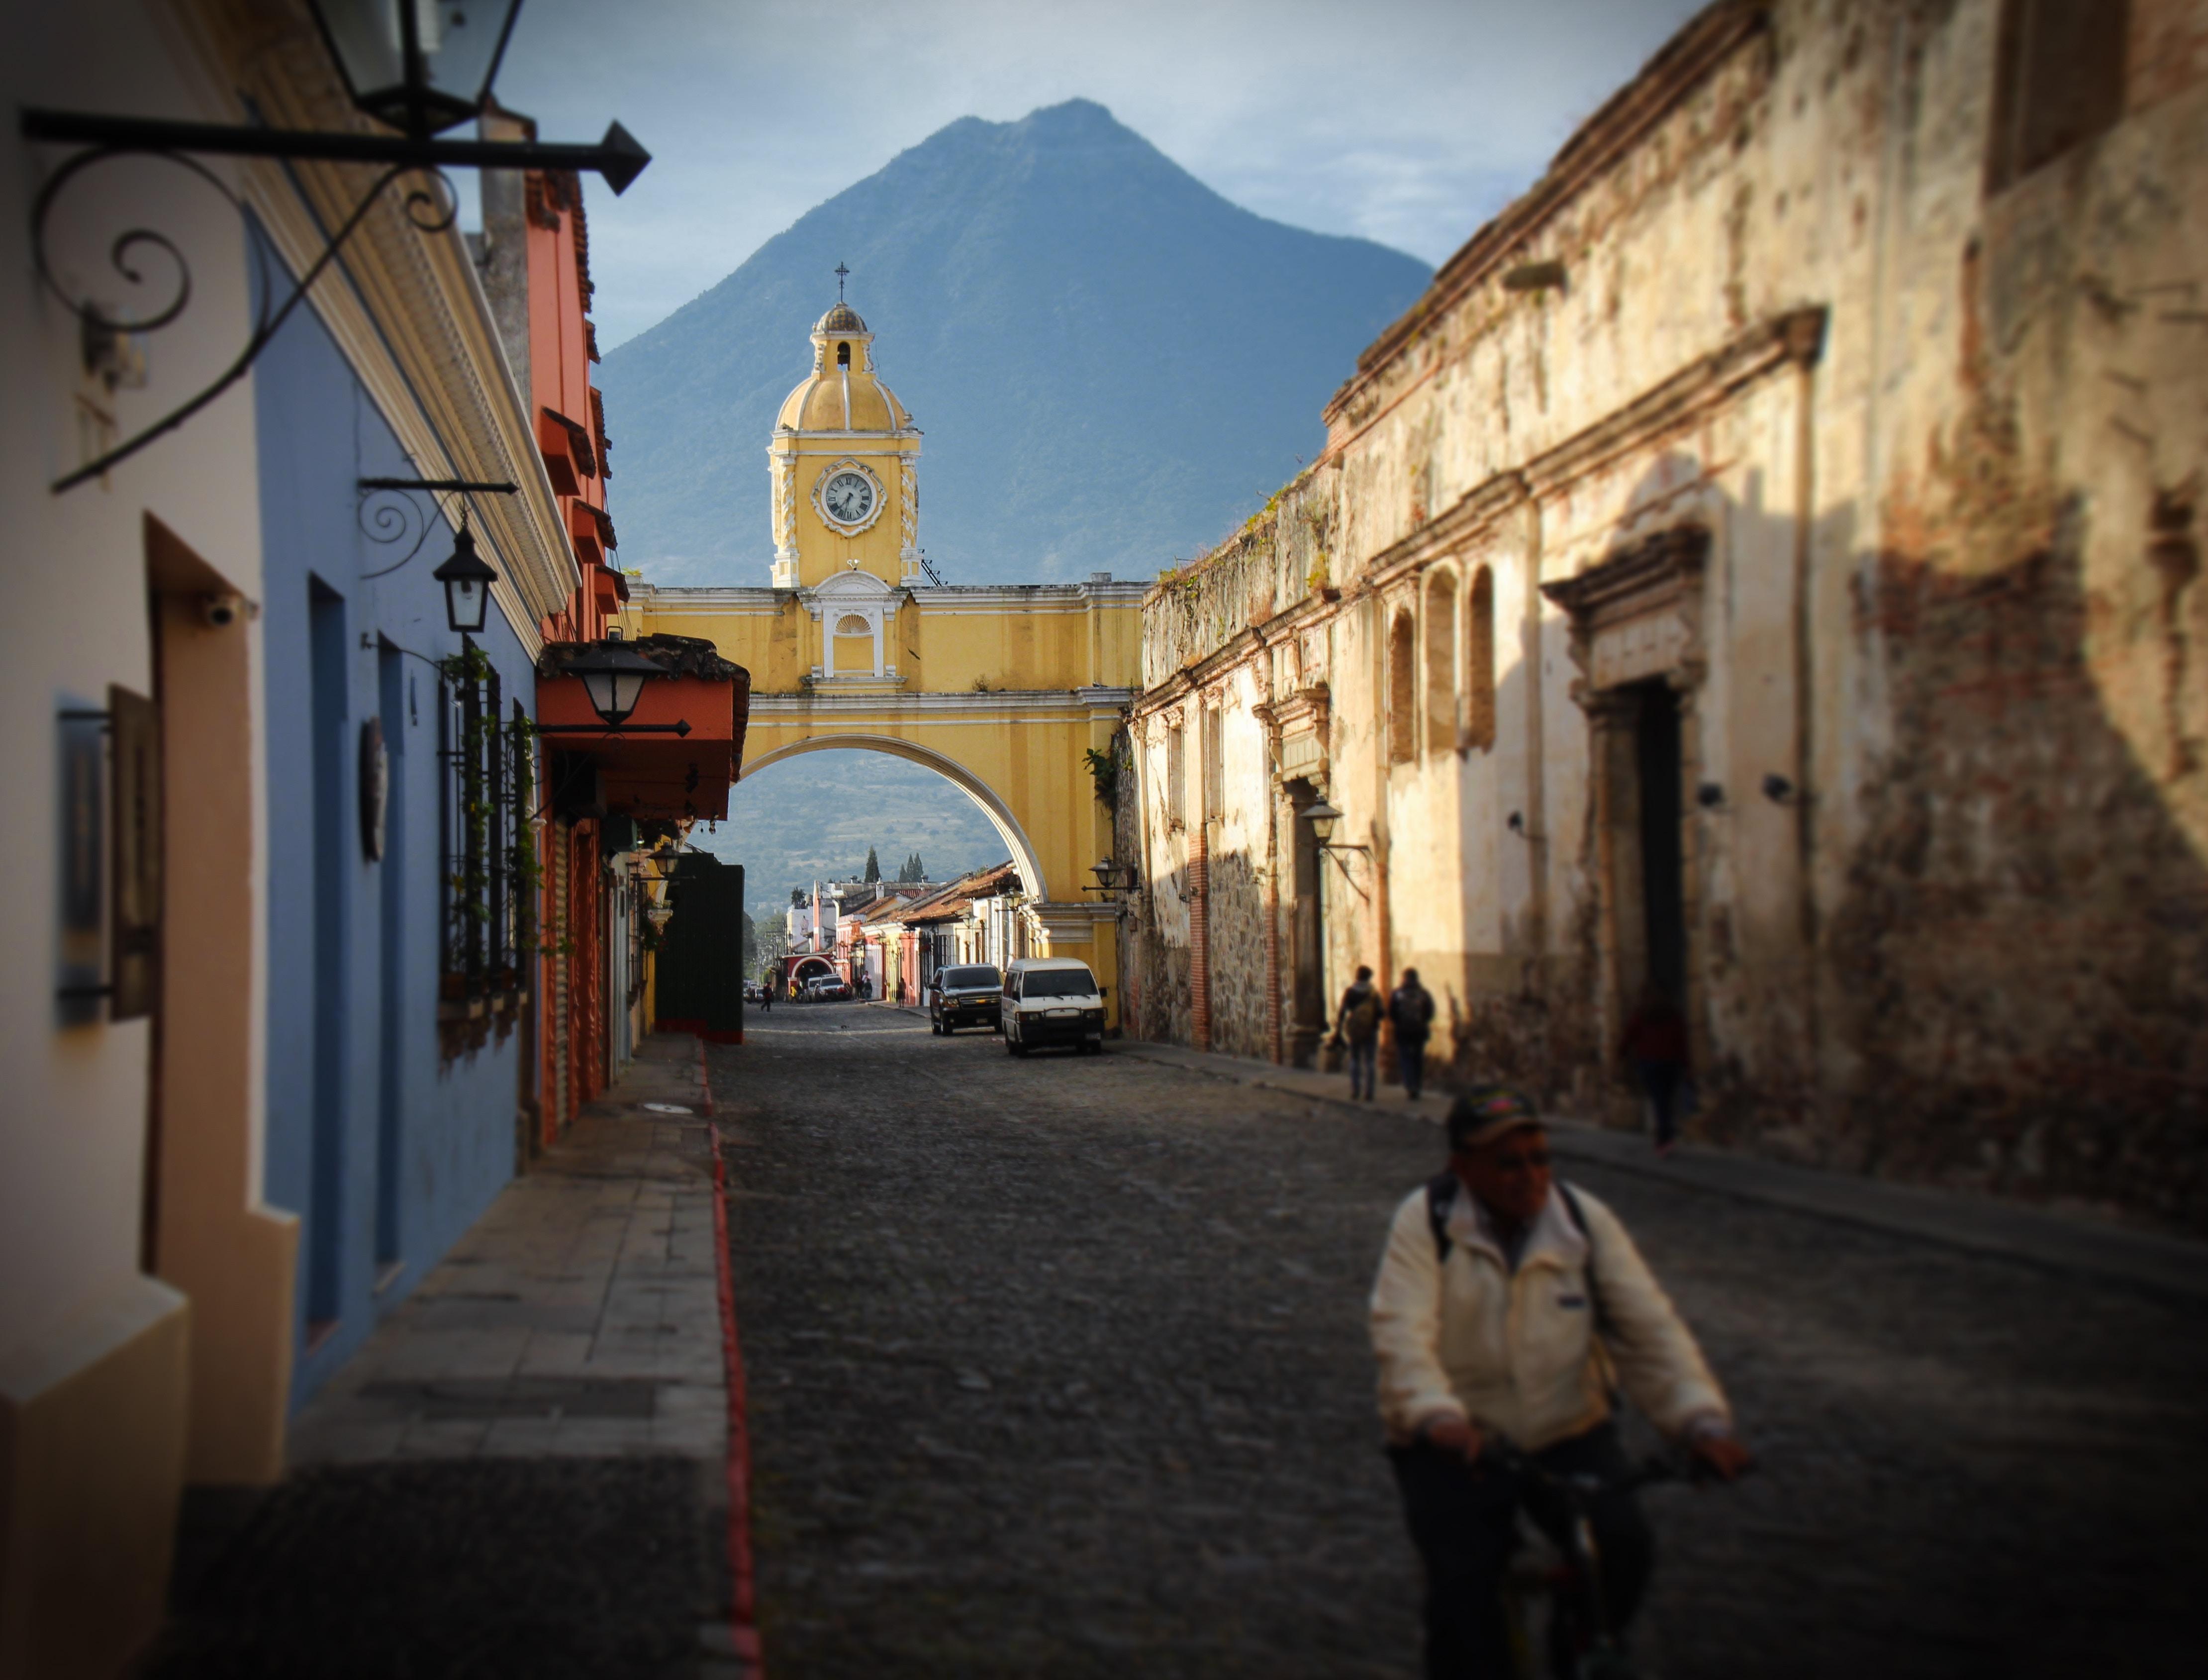 Imagen de fondo de Universidad San Carlos de Guatemala (USAC)